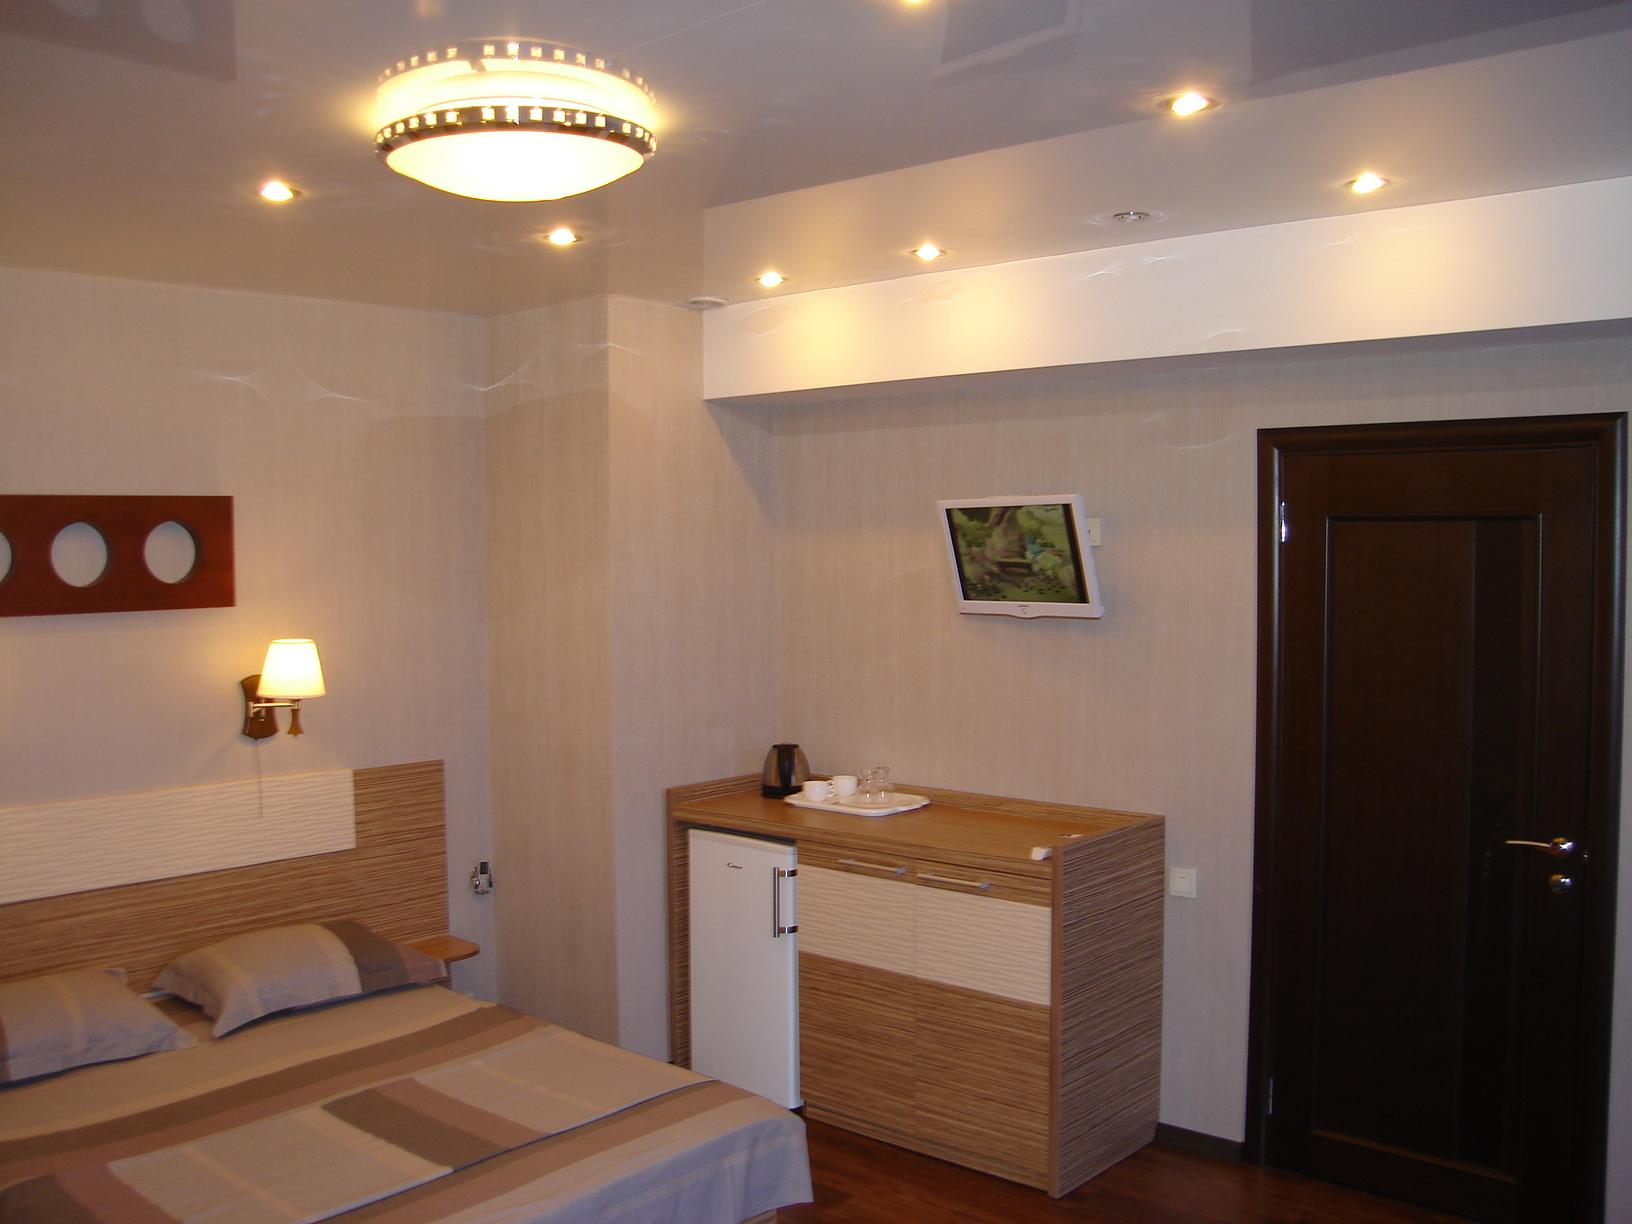 номер полулюкс в мини отеле на ЮБК от 400 грн/сутки